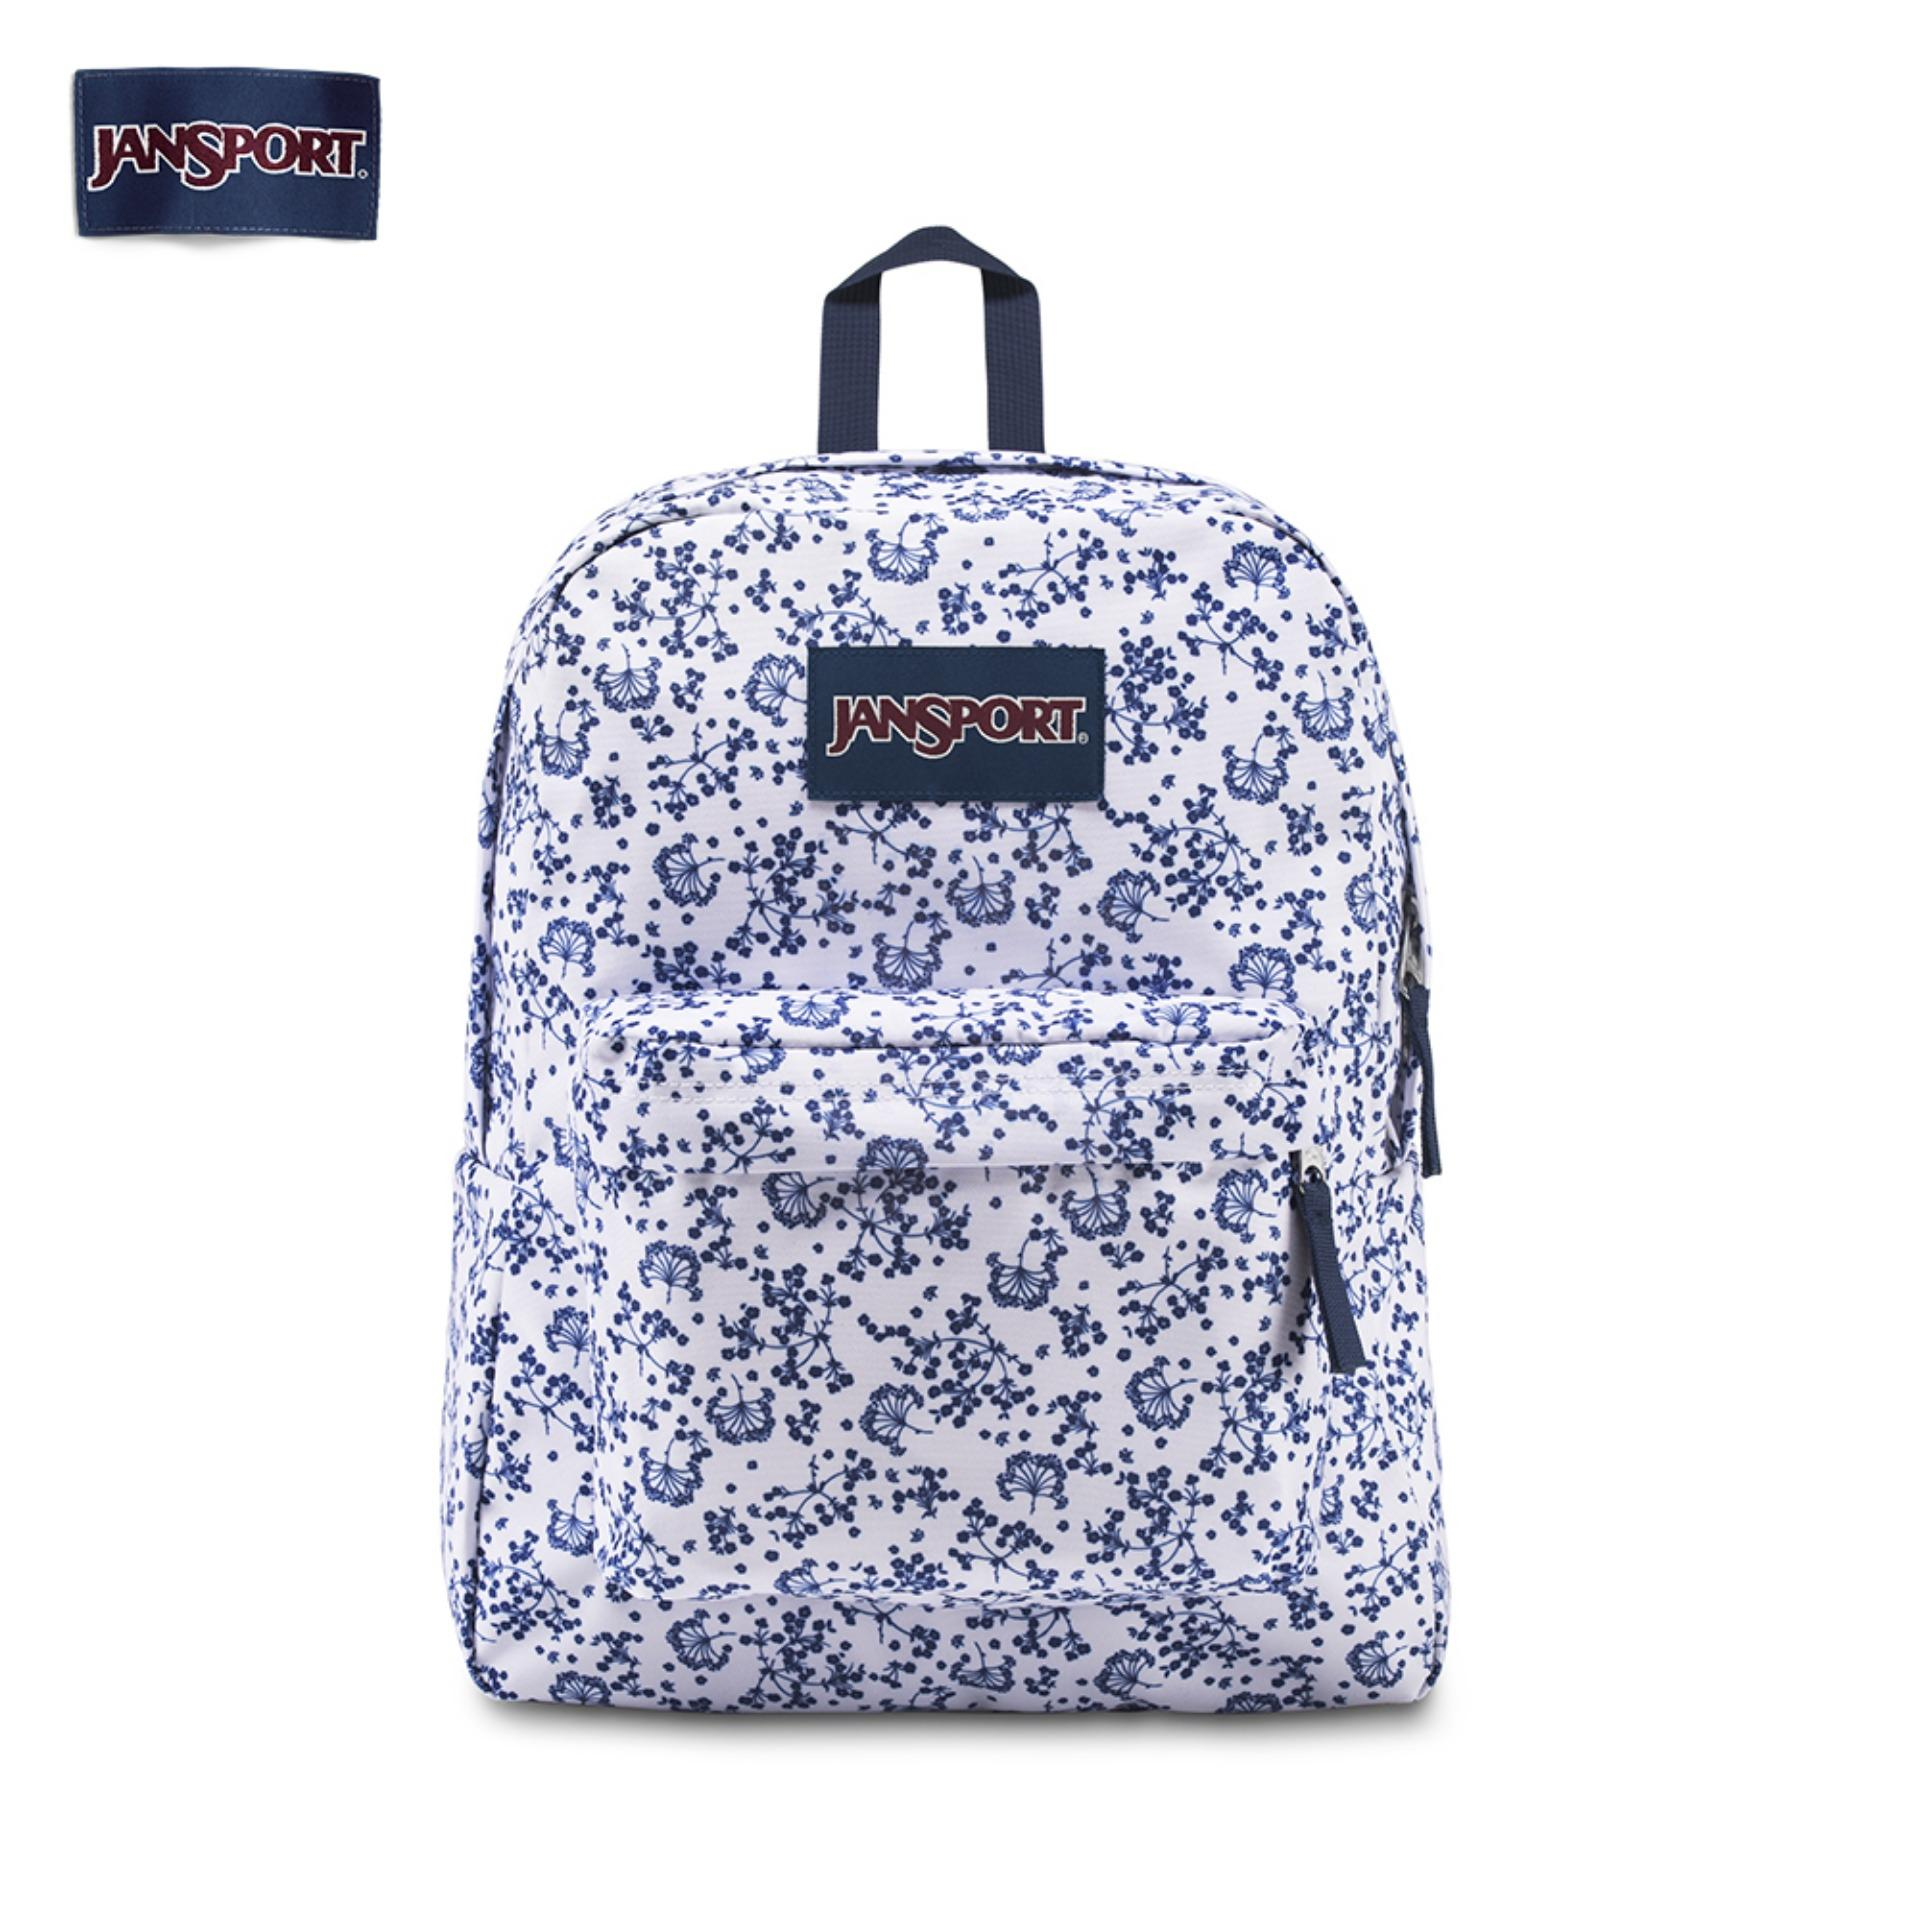 aa1908c149d2 Unisex Backpacks for sale - Unisex Travel Backpacks online brands ...